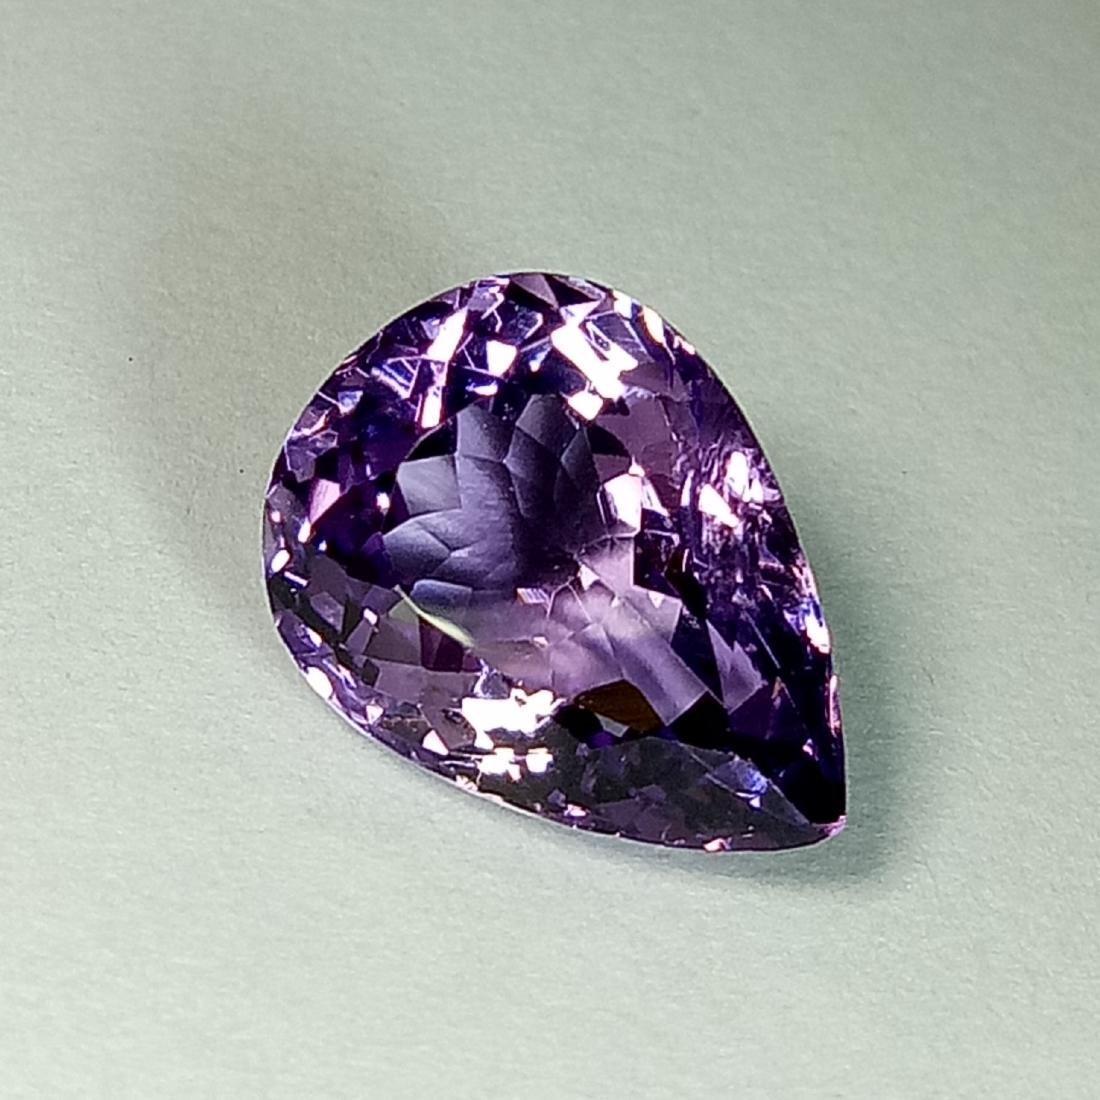 Amethyst - 6.52 Carat Loose - 3